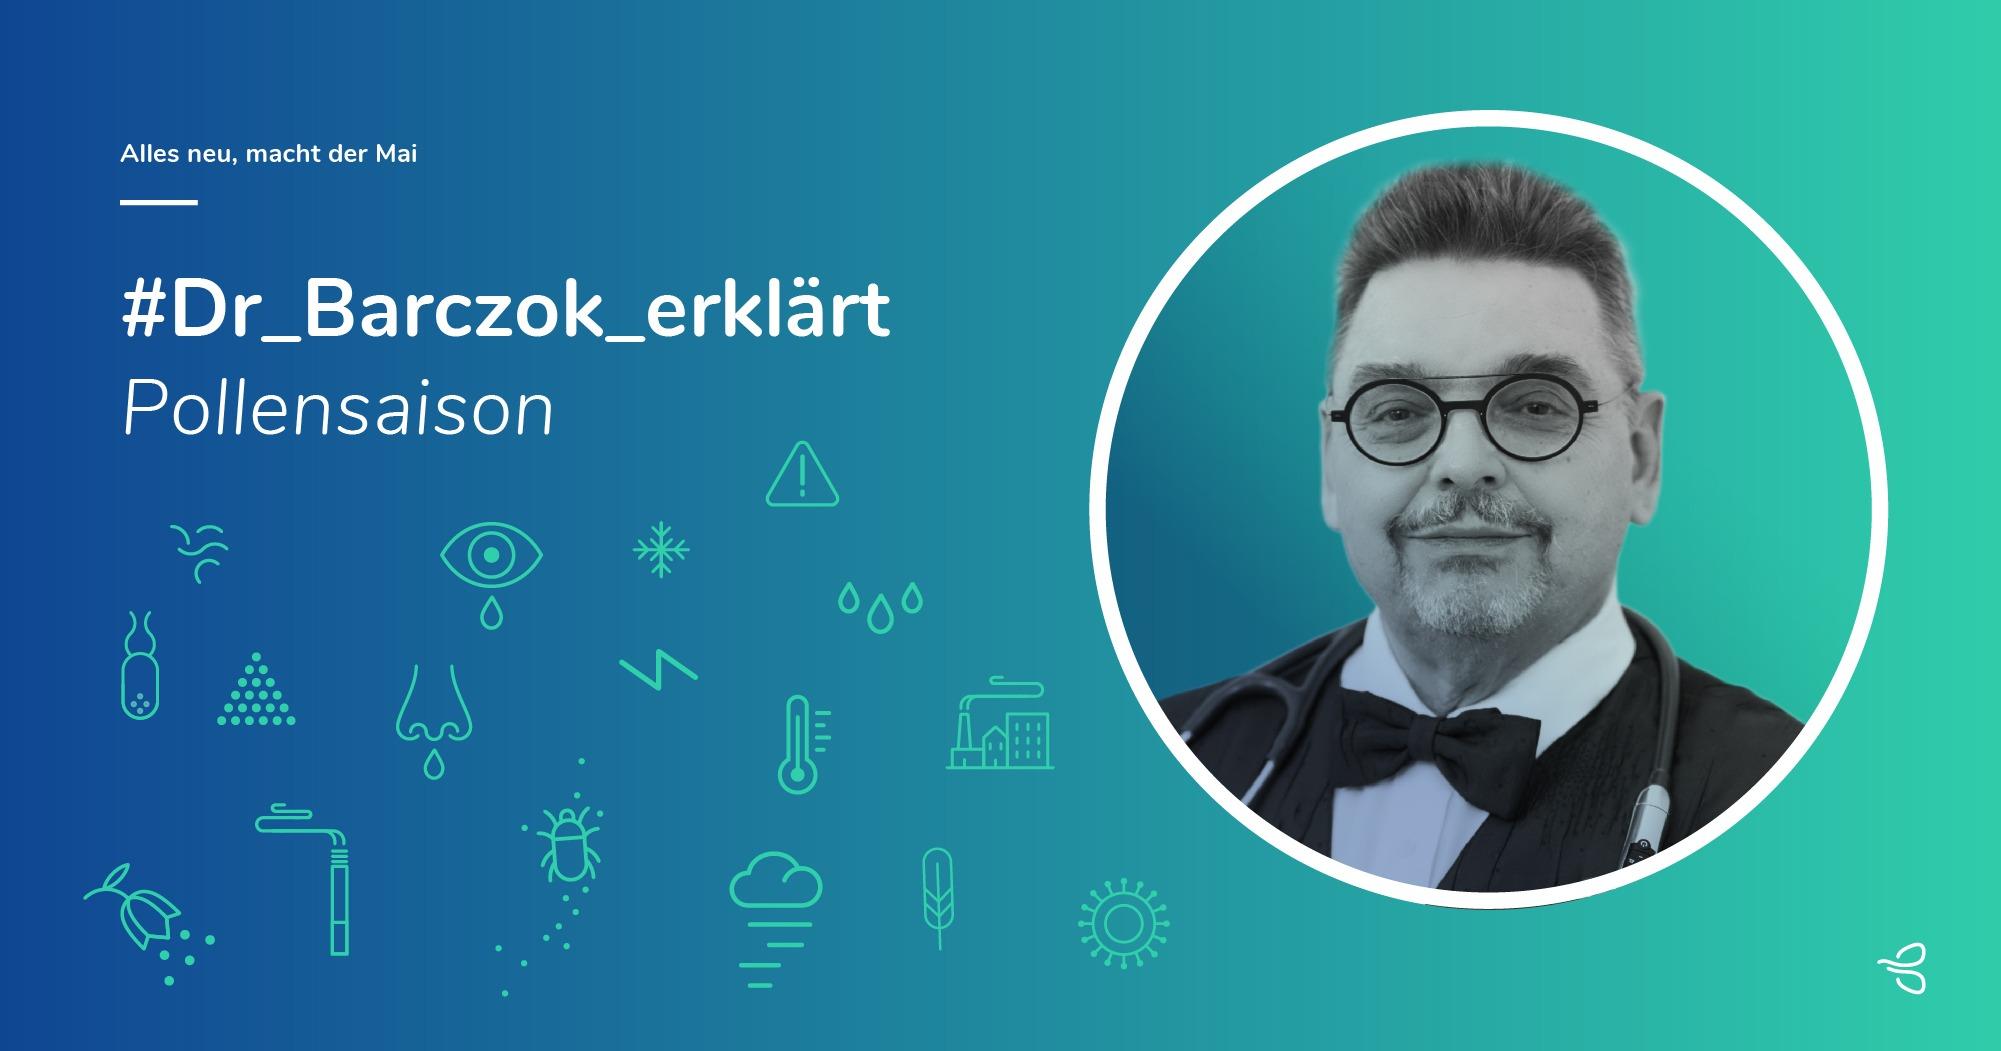 #Dr_Barczok_erklärt